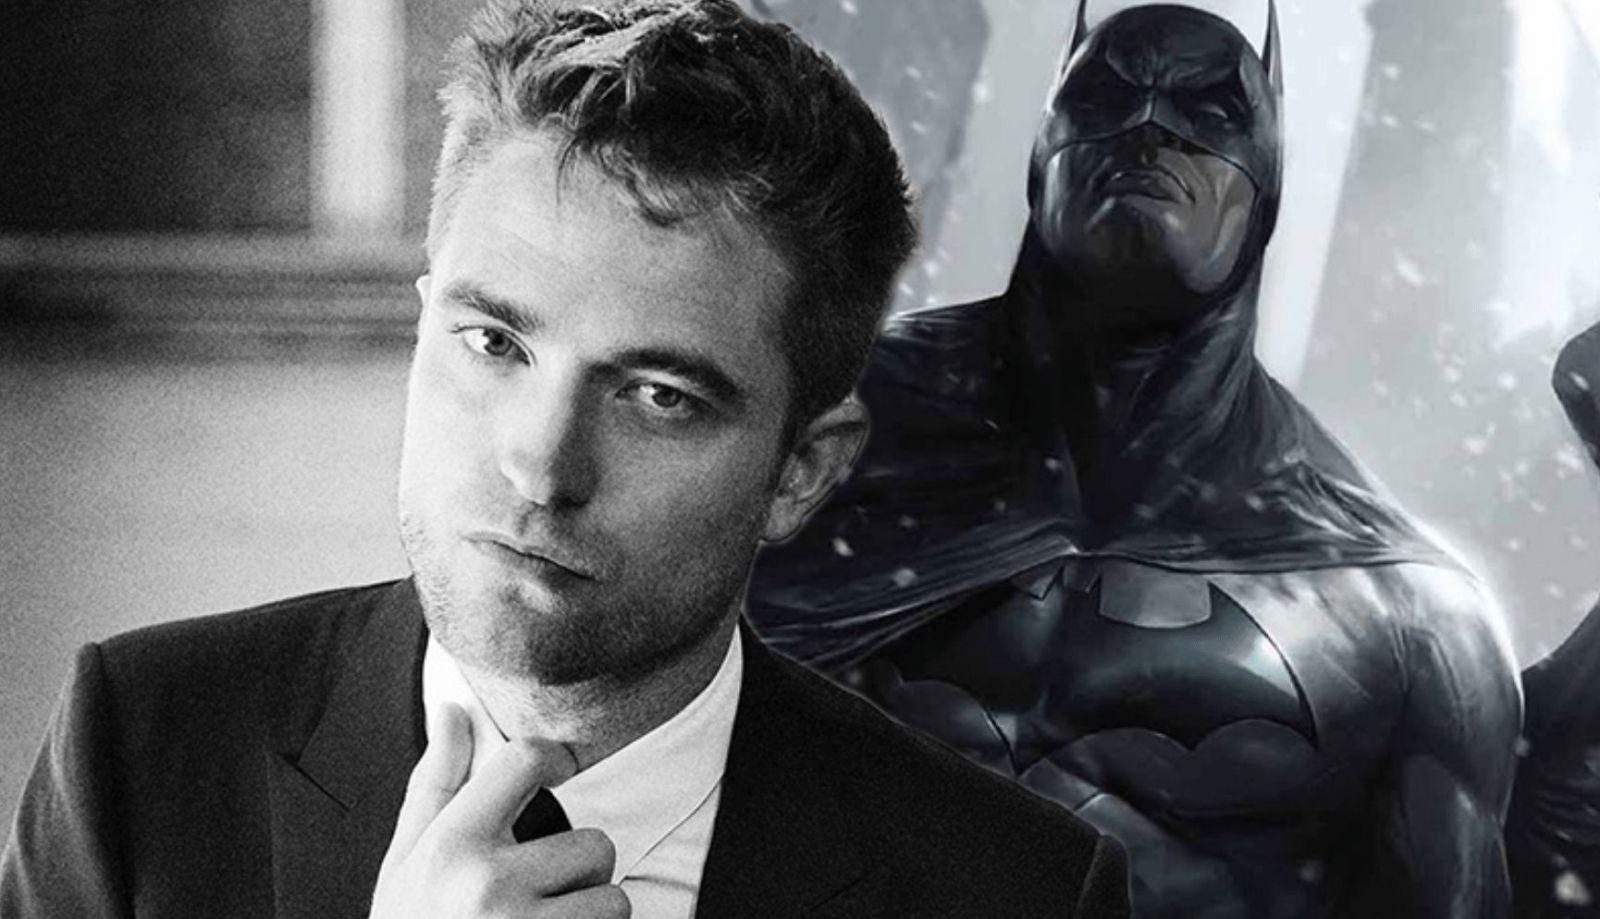 The Batman de Matt Reeves no será historia de origen